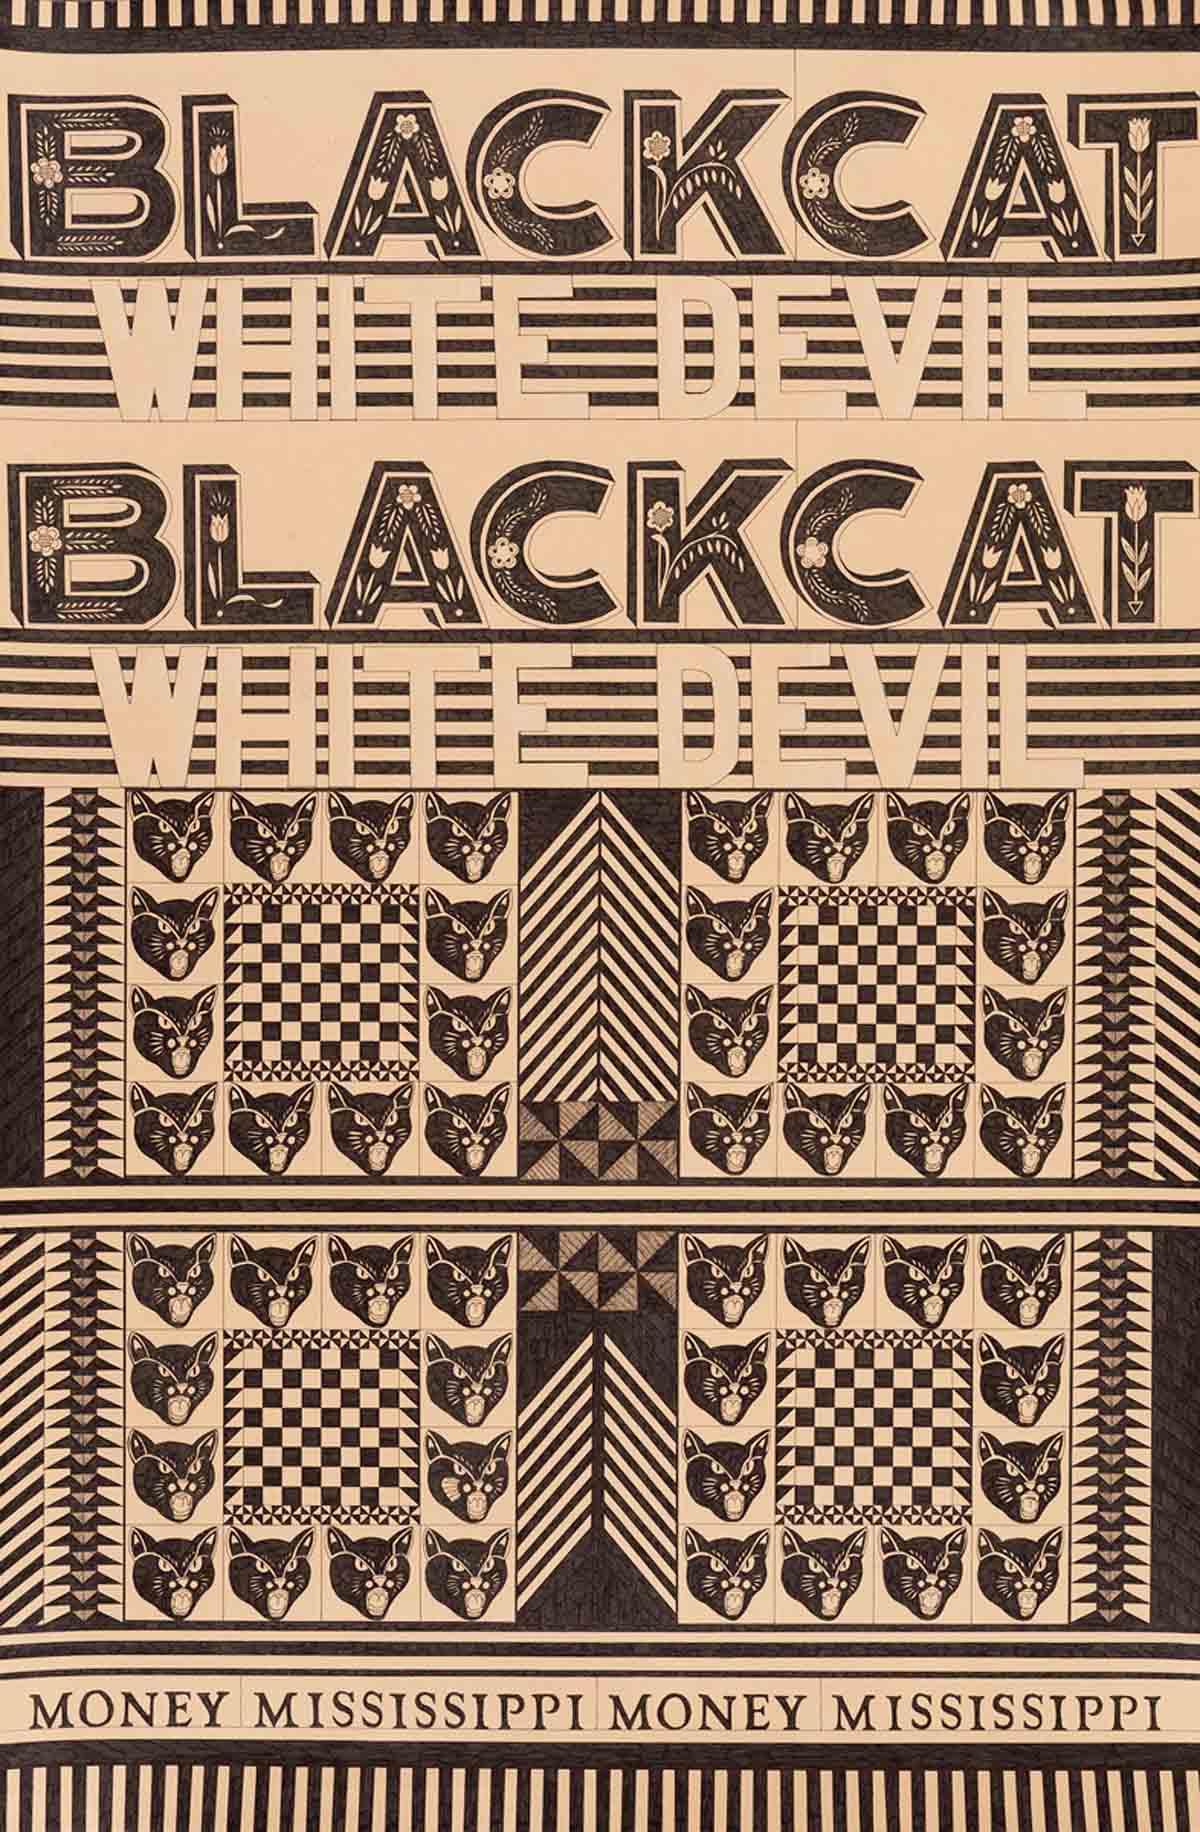 Stephanie Howard Black Cat White Devil pen on paper 35 x 23 inches SHO 001G.jpg